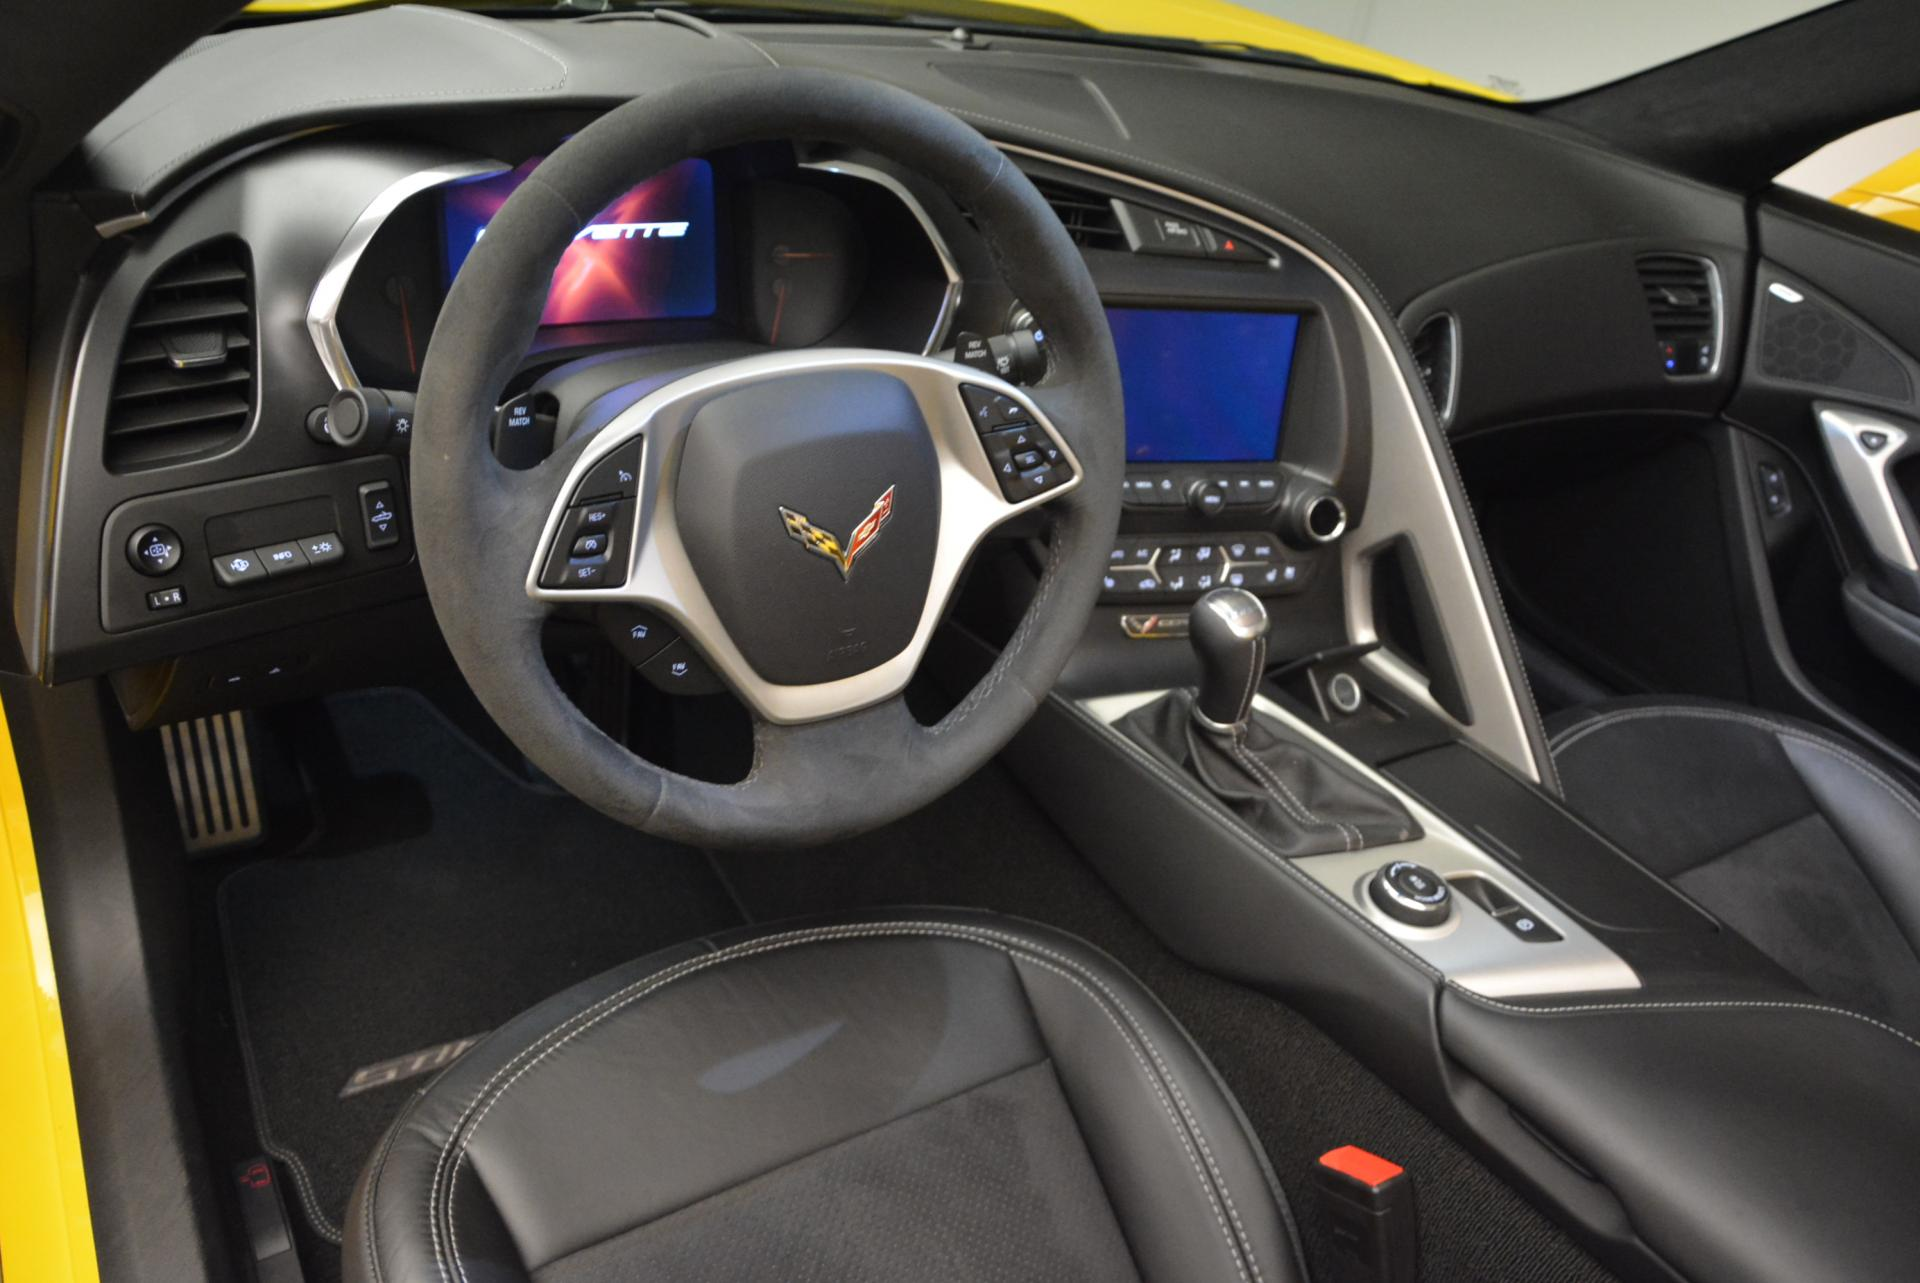 Used 2014 Chevrolet Corvette Stingray Z51 For Sale In Greenwich, CT. Alfa Romeo of Greenwich, 7088 523_p15